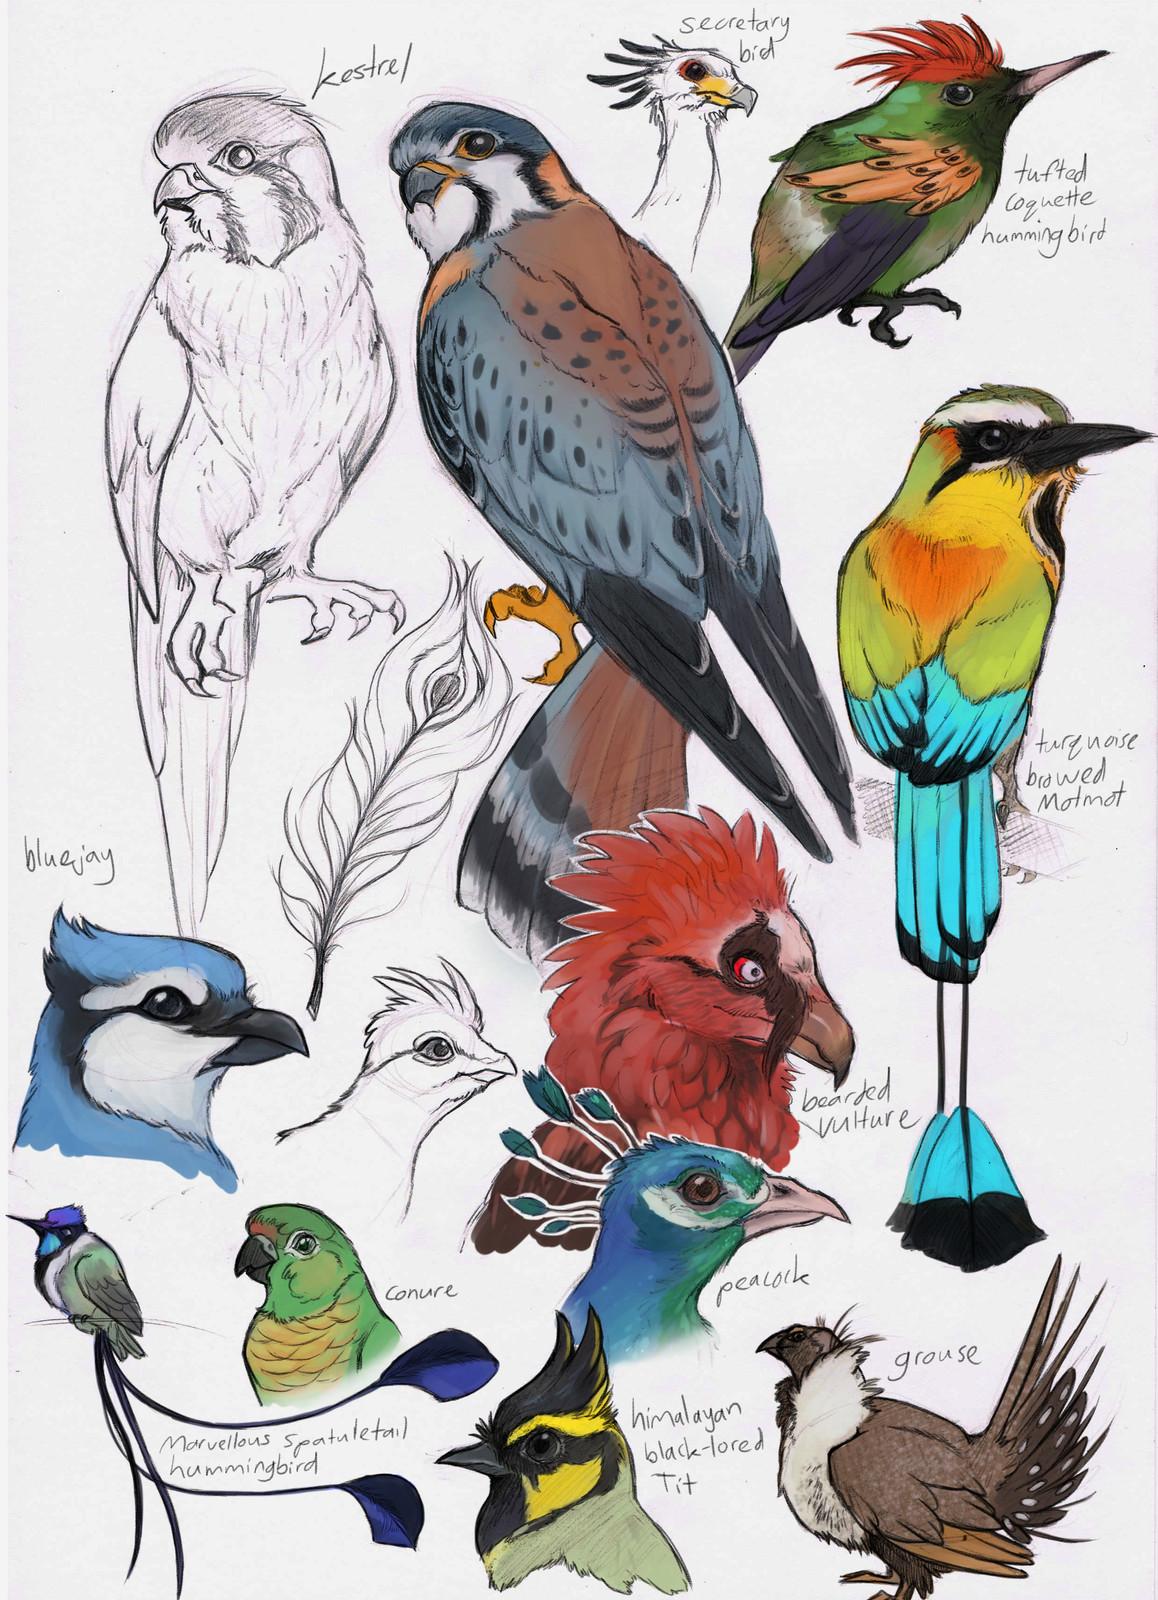 various bird studies from photos